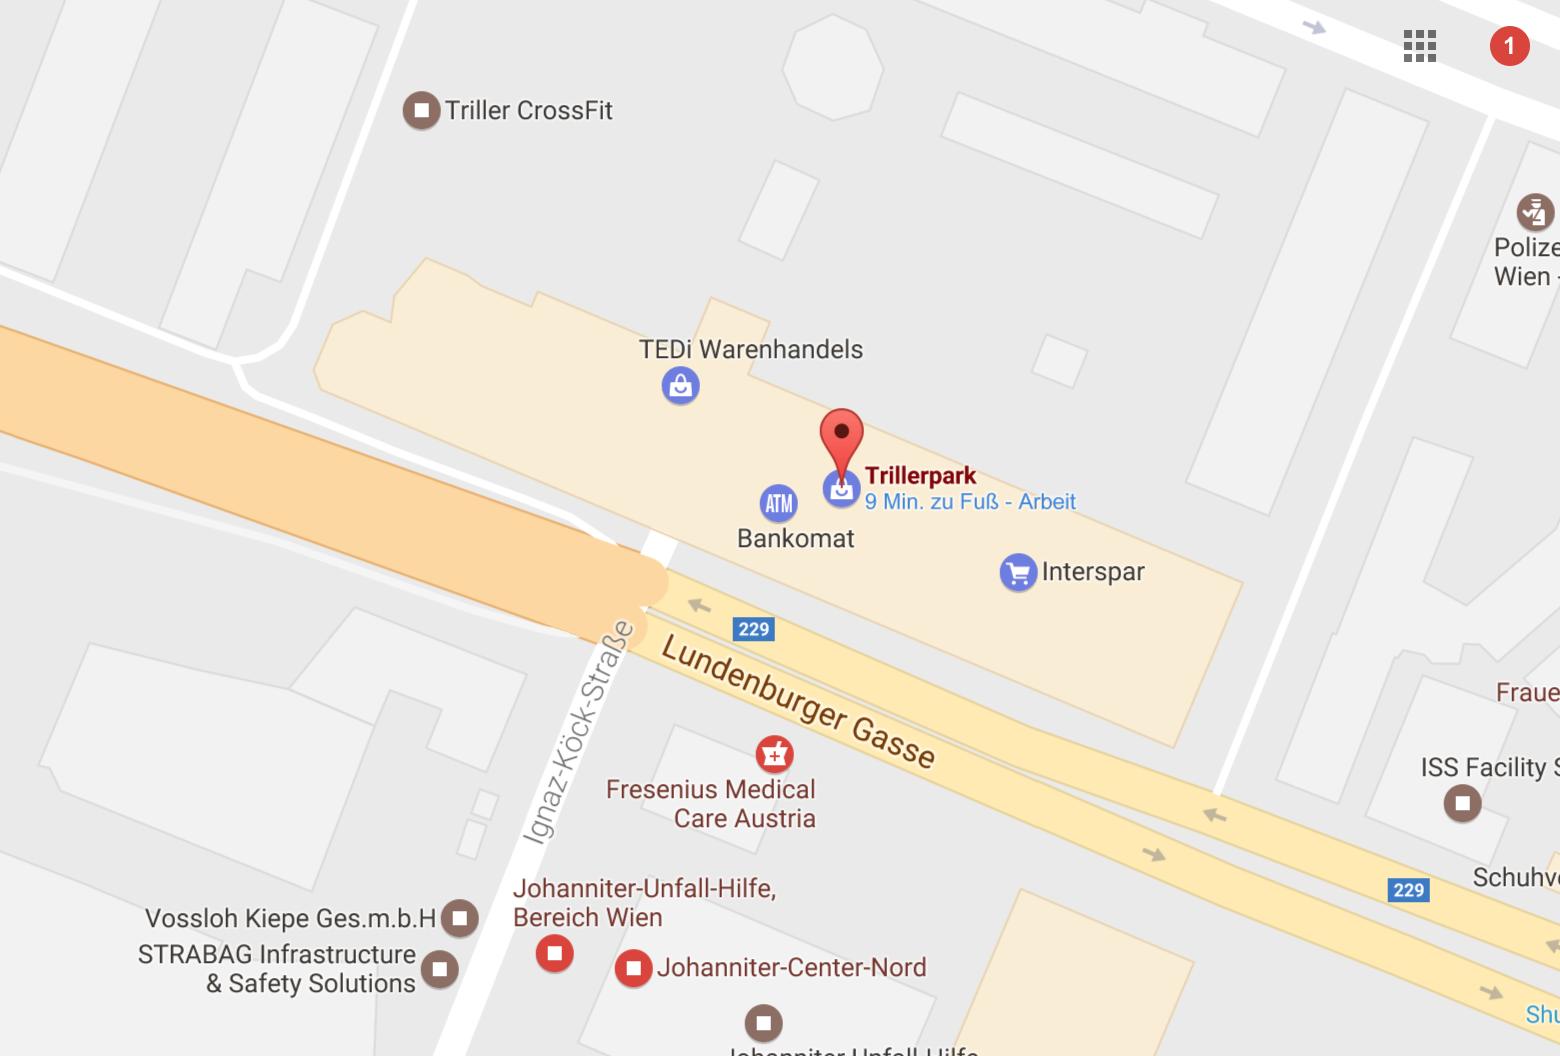 Einkaufszentren – Fluch oder Segen? (Teil 1: Trillerpark/SCN)